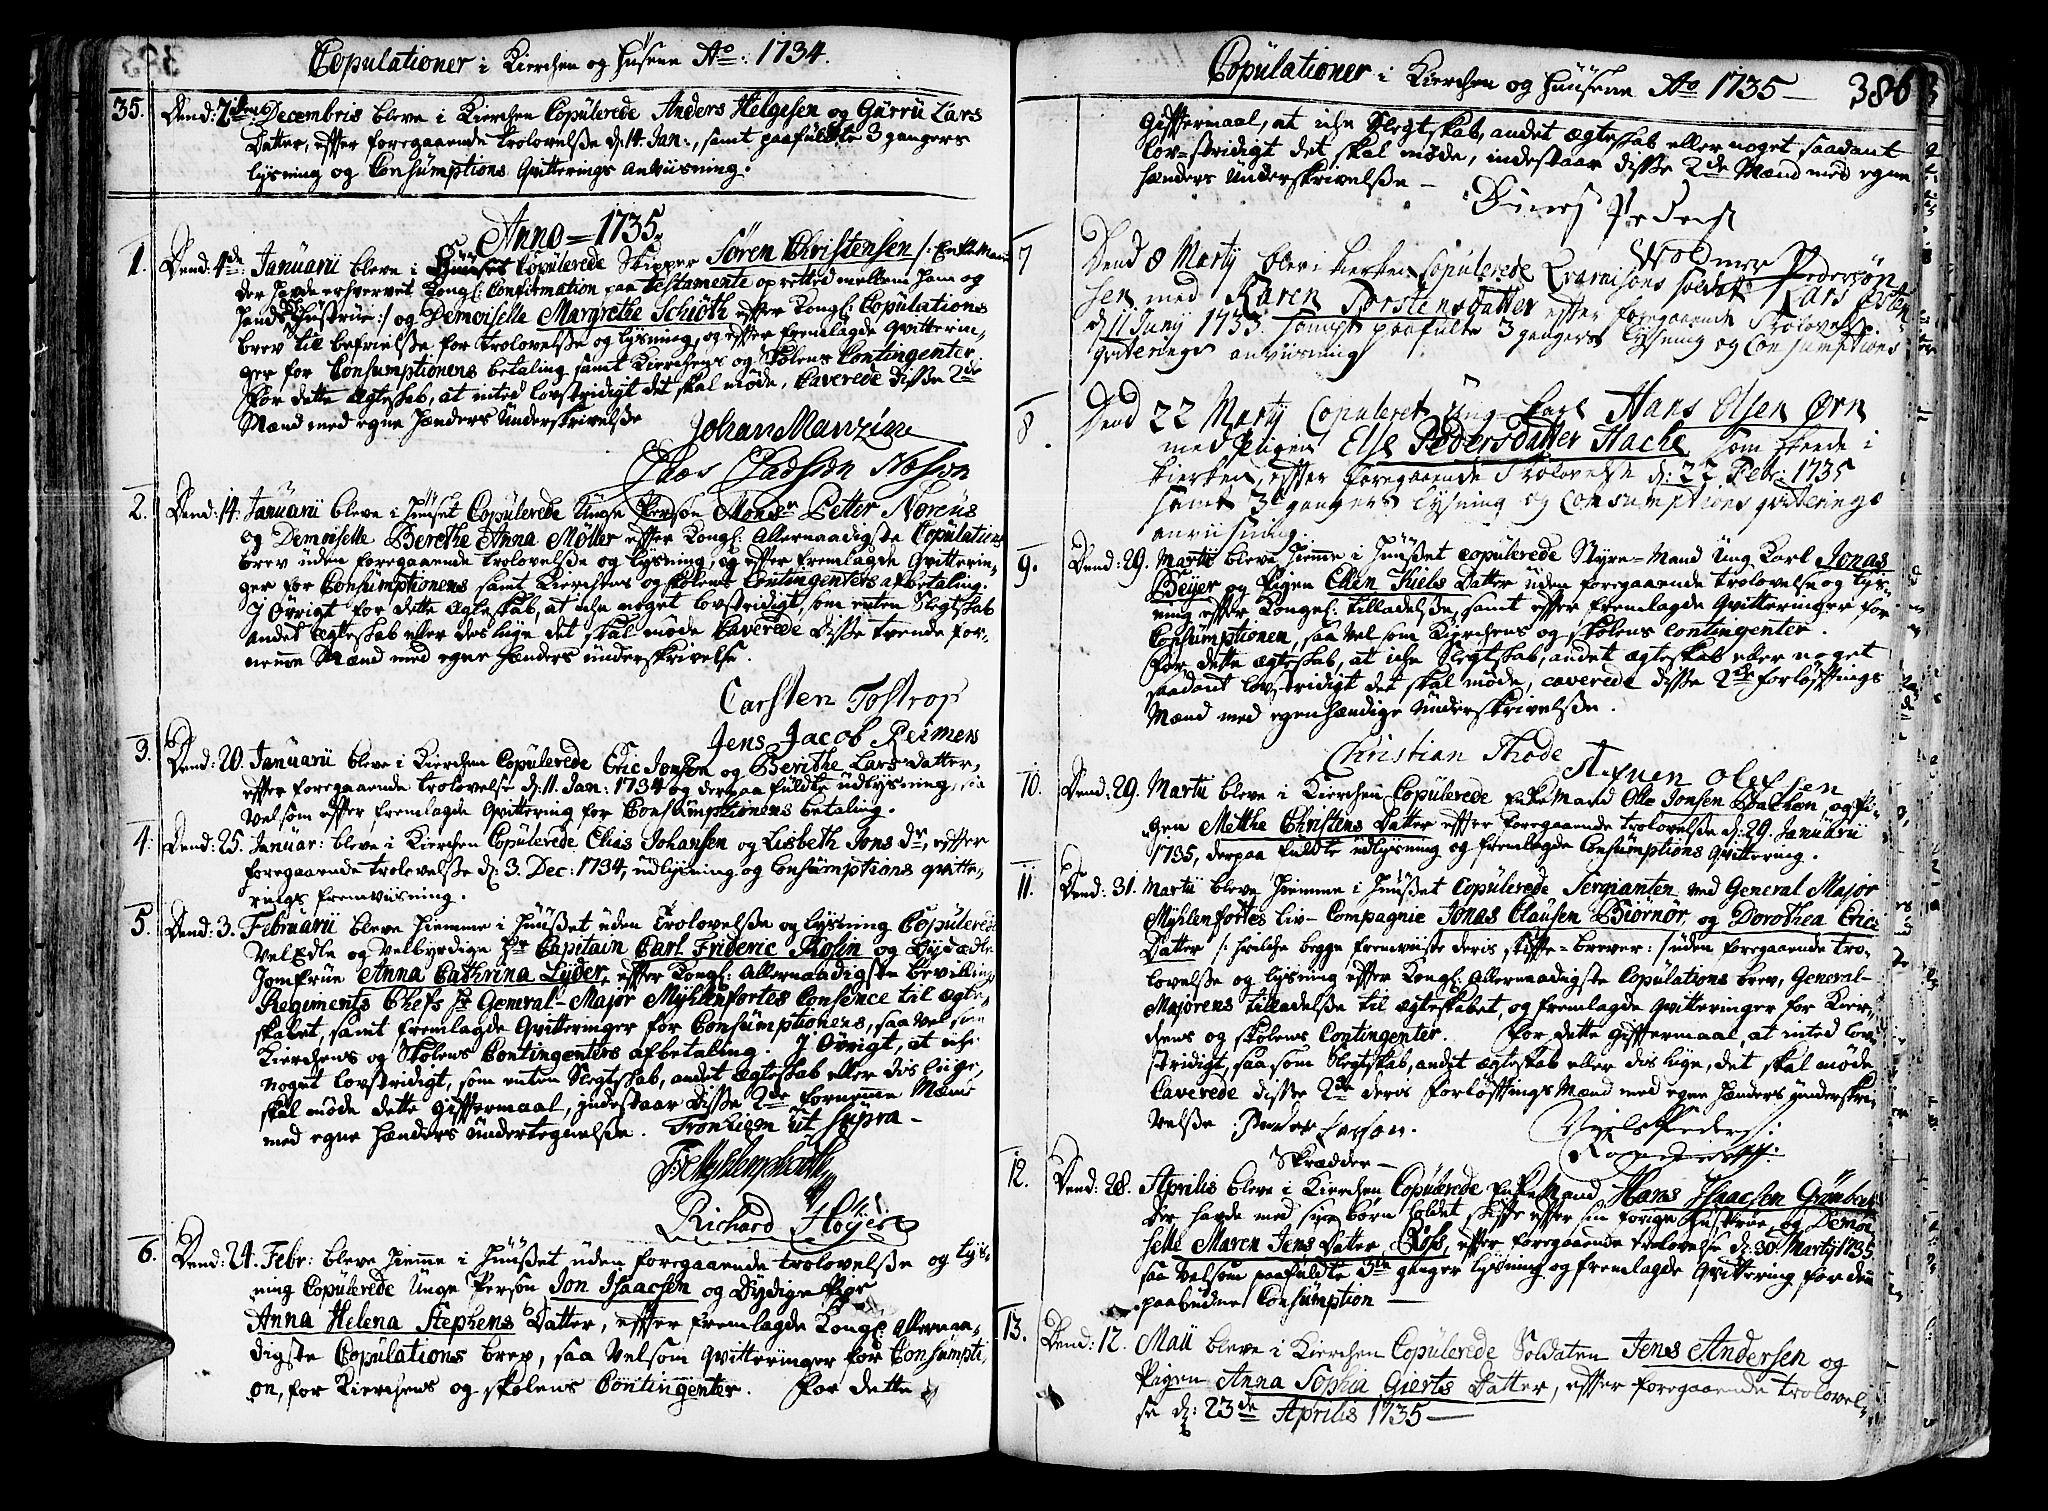 SAT, Ministerialprotokoller, klokkerbøker og fødselsregistre - Sør-Trøndelag, 602/L0103: Ministerialbok nr. 602A01, 1732-1774, s. 386